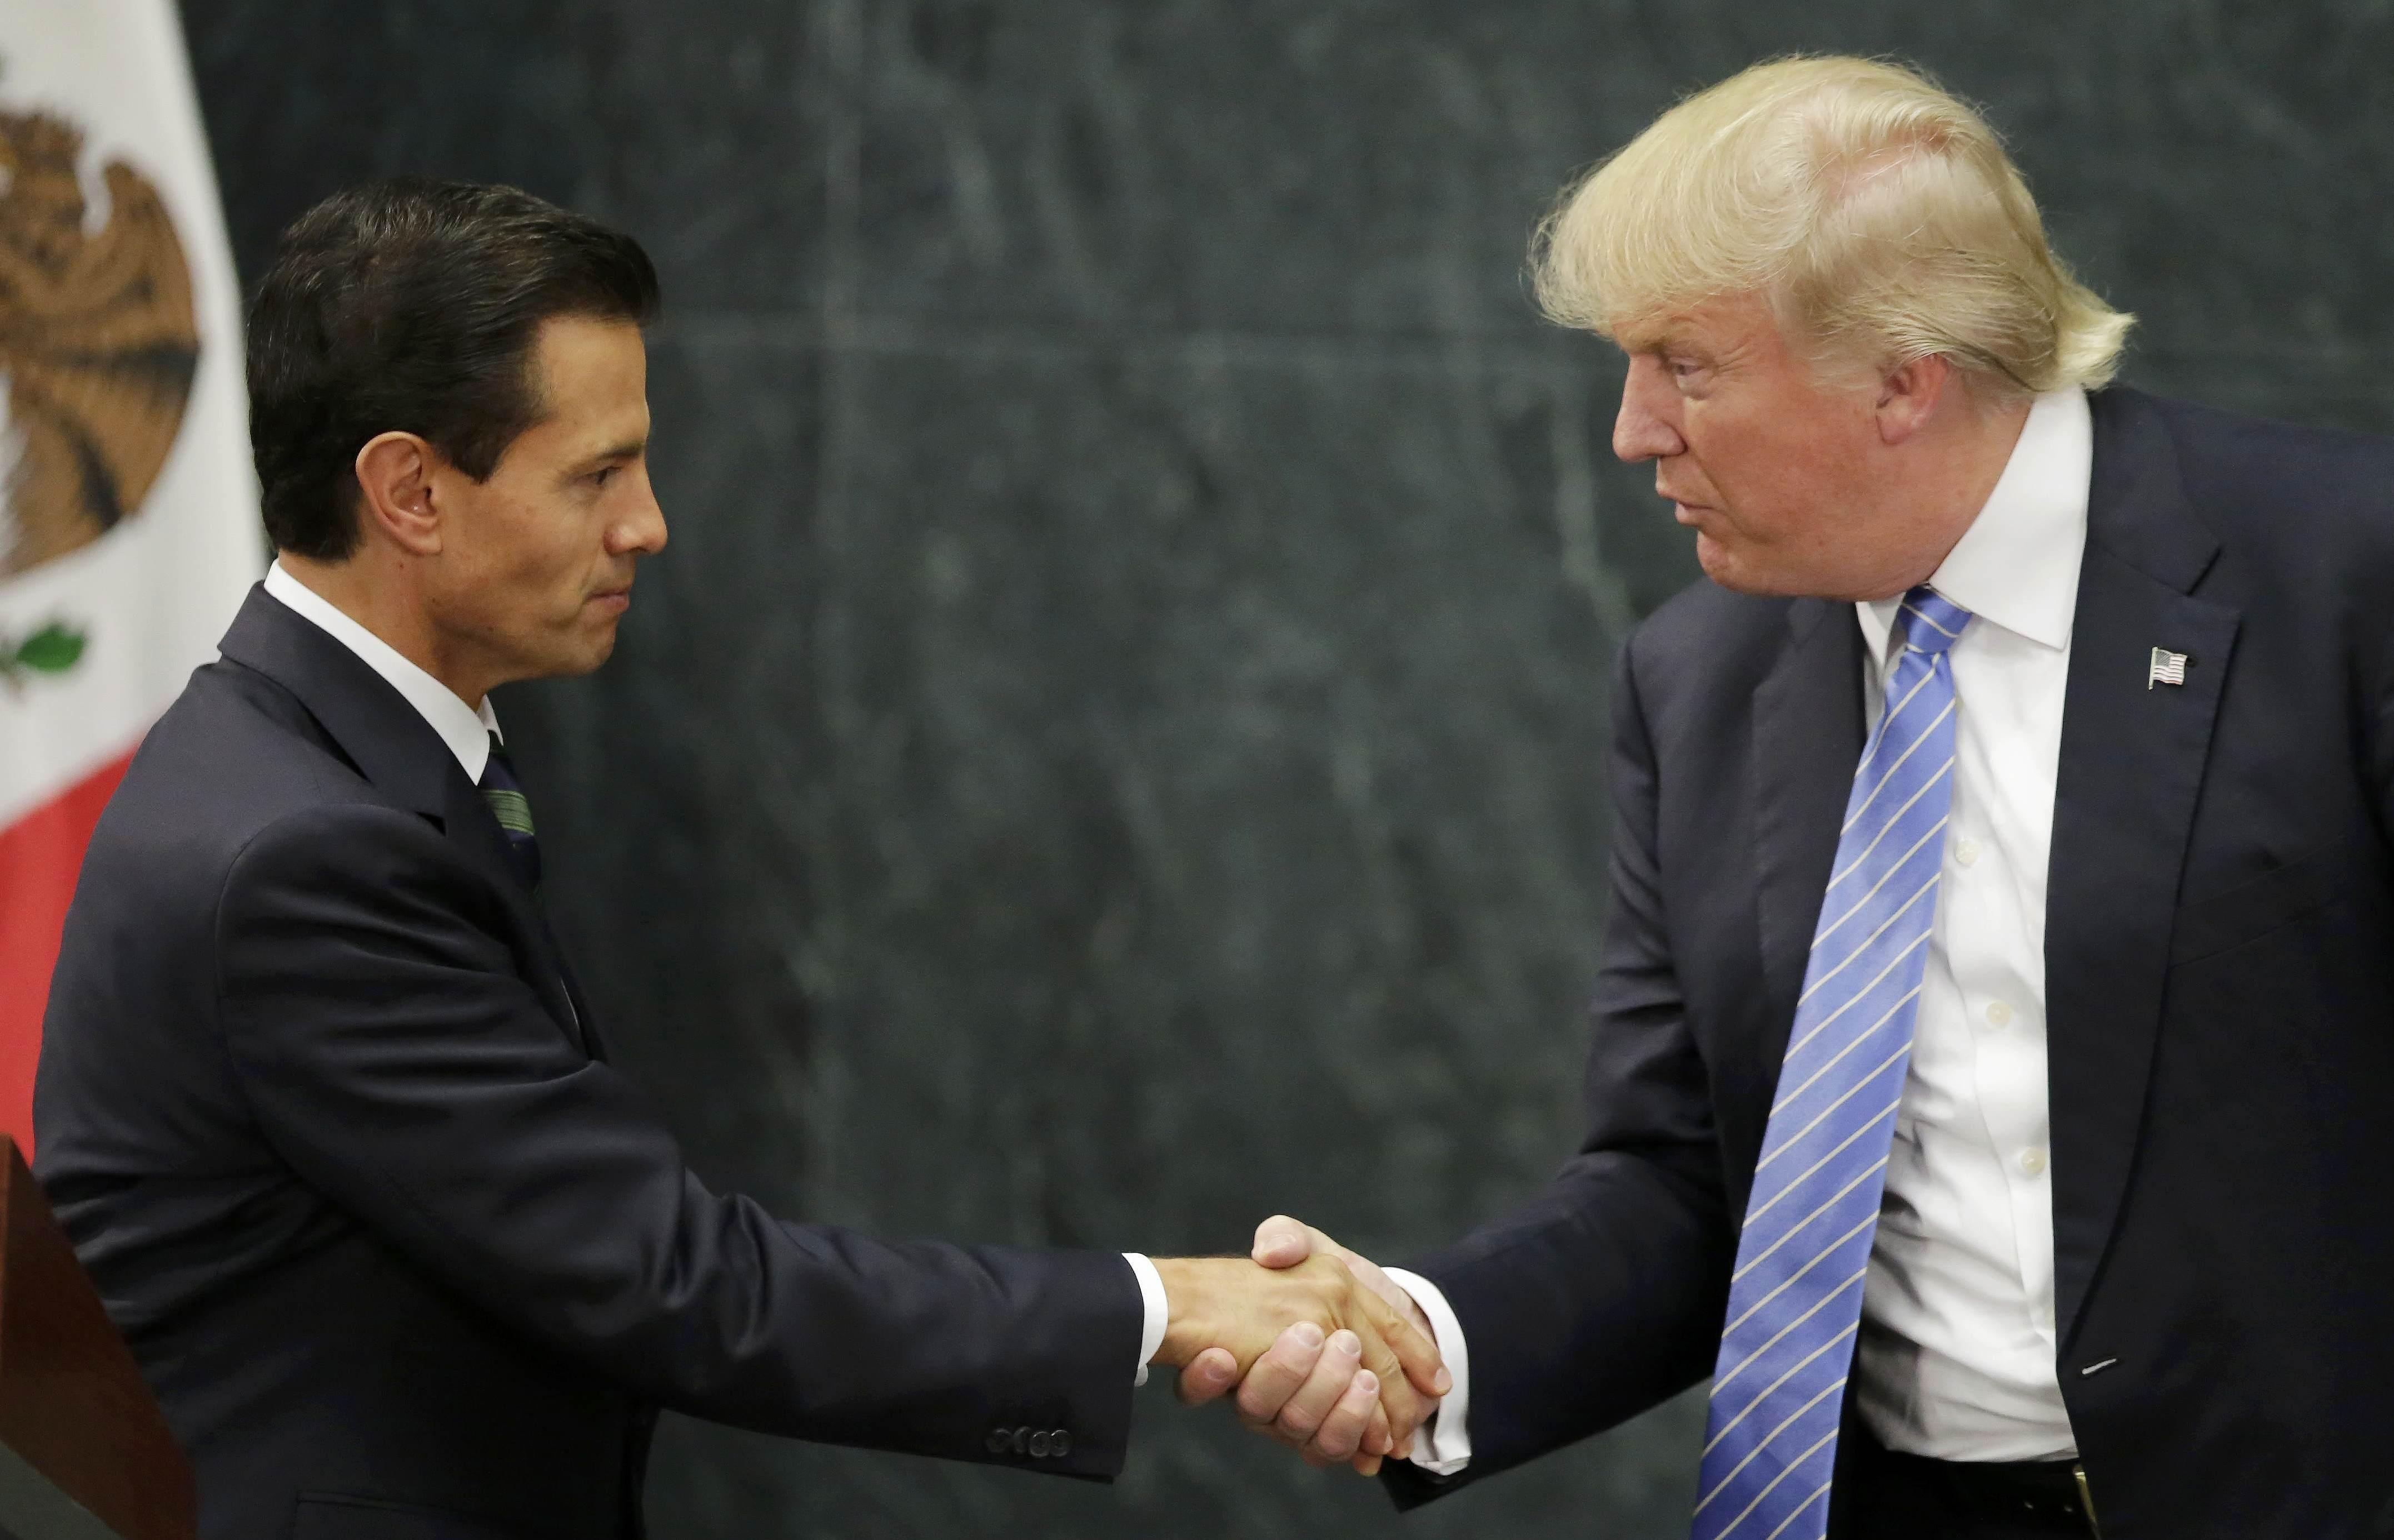 Tỷ phú Donald Trump (phải) và Tổng thống Mexico Pena Nieto trong cuộc họp báo tại Mexico hôm 31/8 (Ảnh: Reuters)